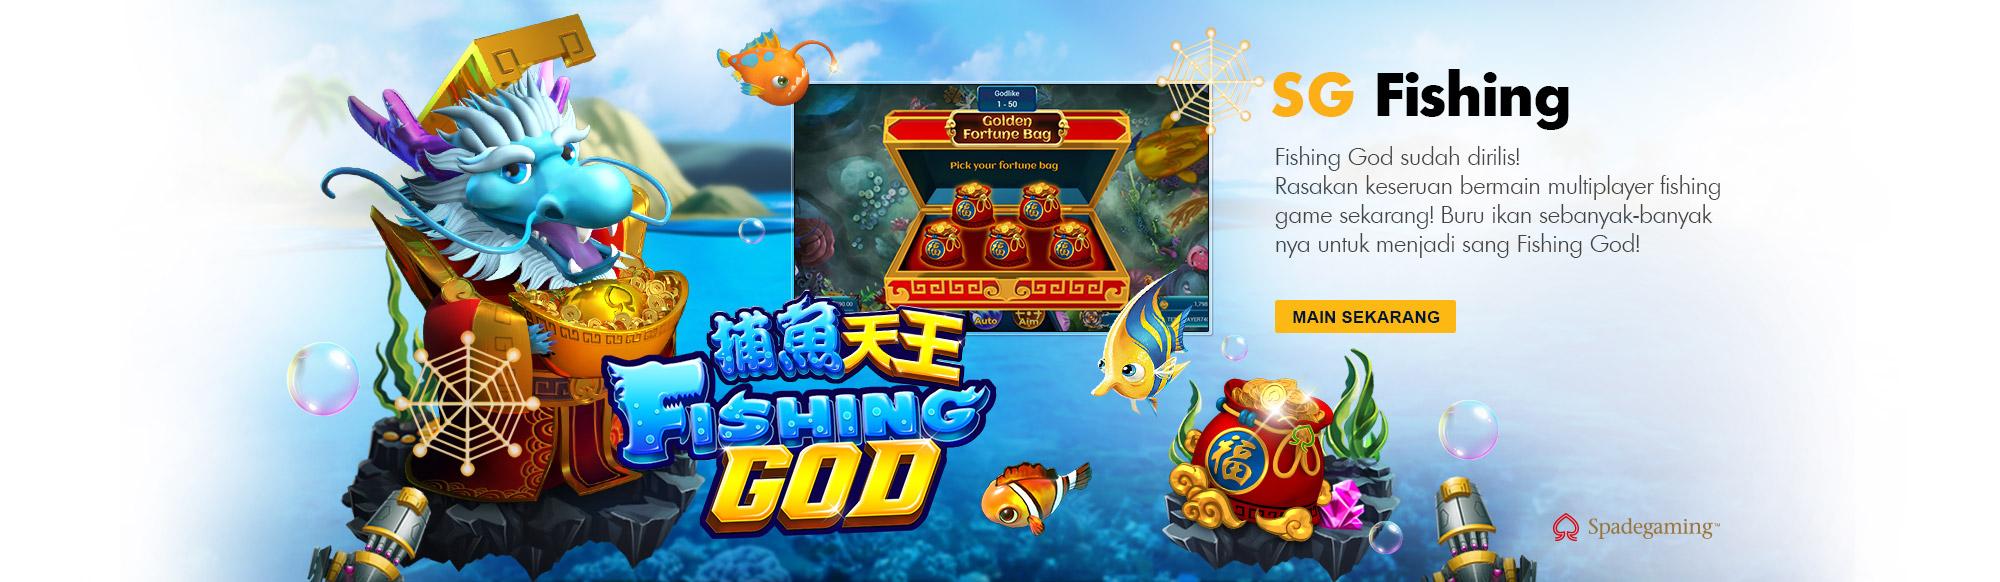 Tembak Ikan Spade Gaming